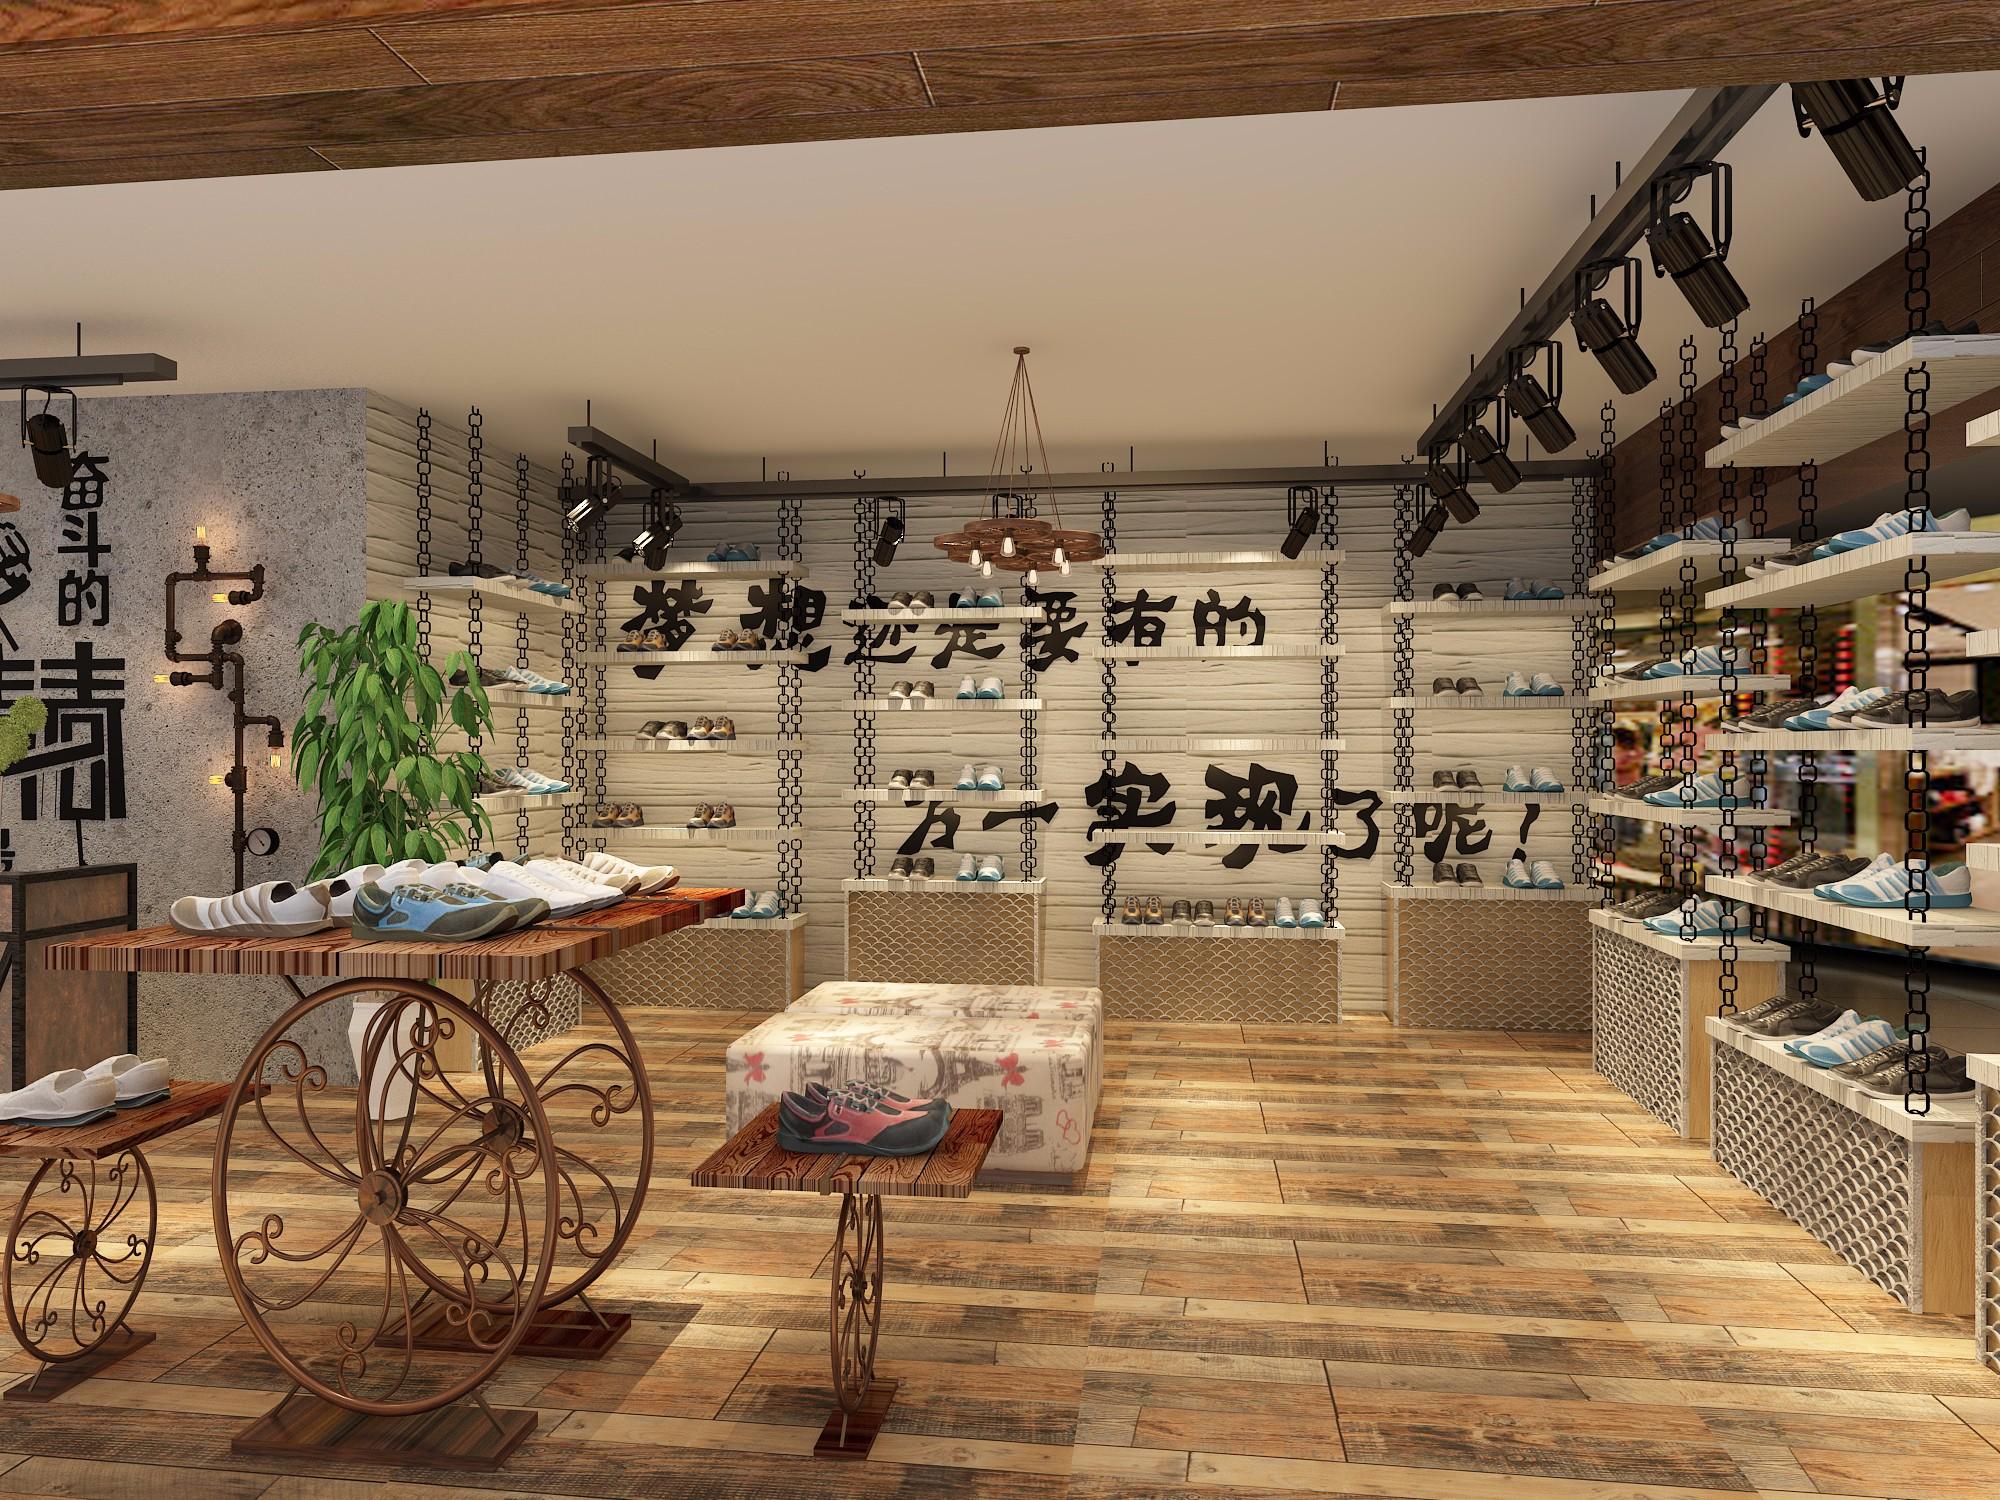 工业风鞋店 - 效果图交流区-建e室内设计网